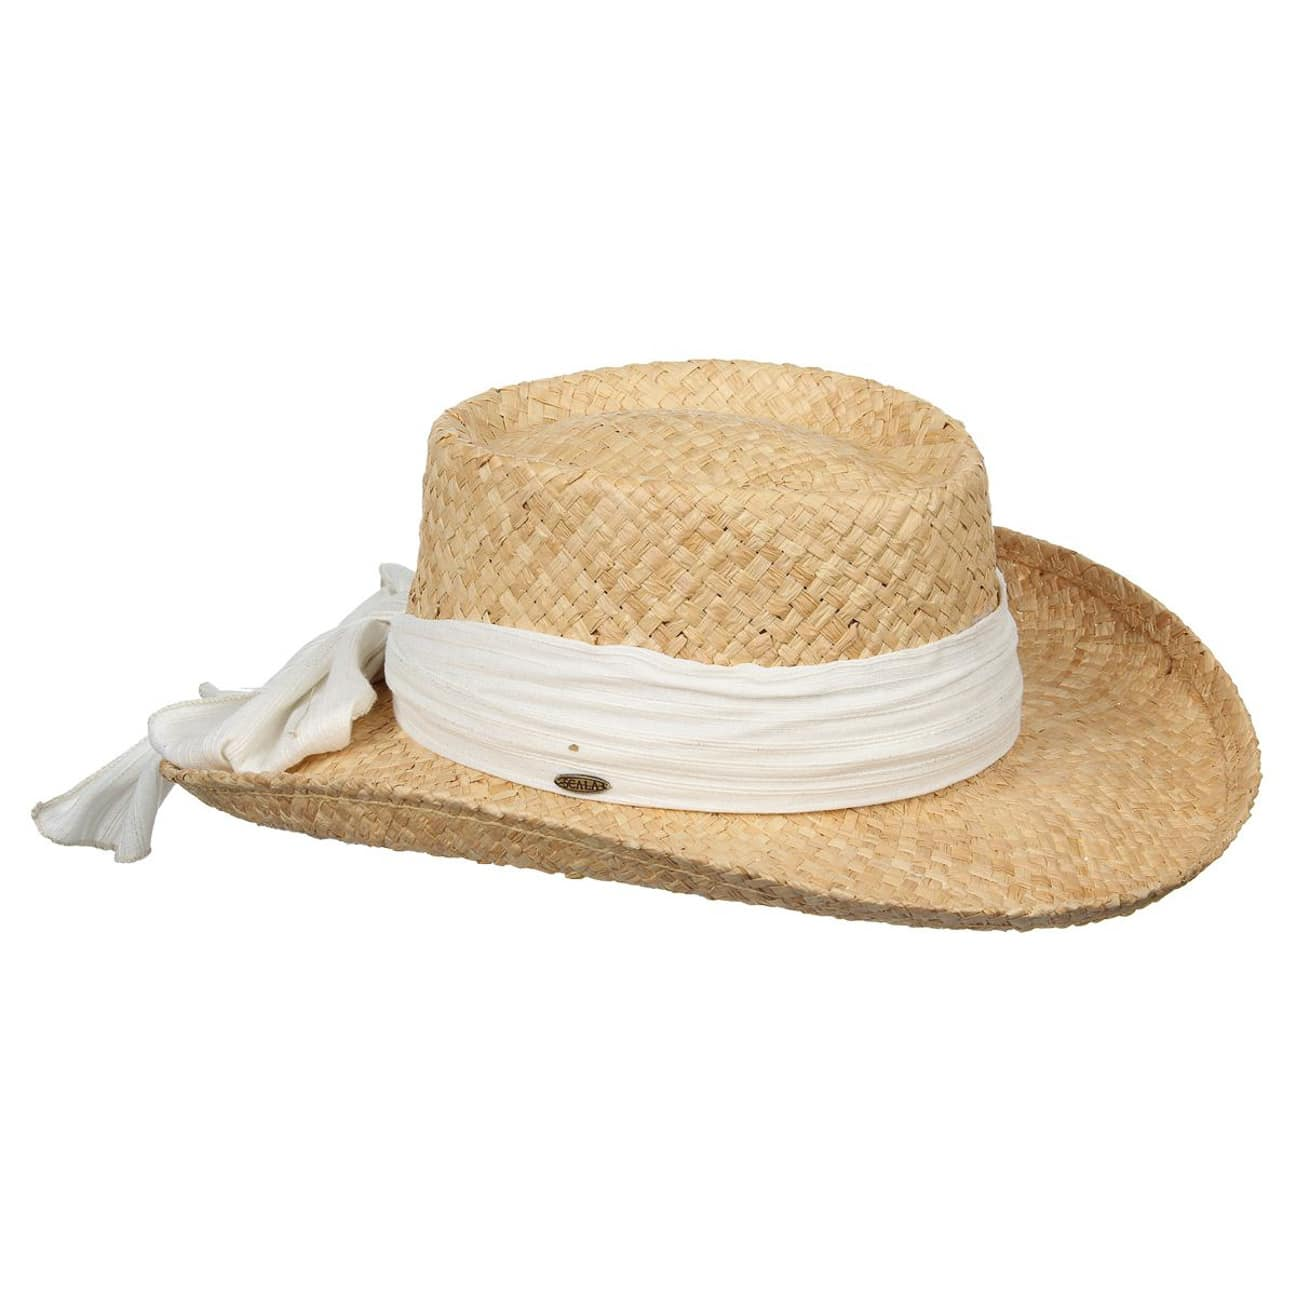 Gambler Straw Hat: Gambler Women's Straw Hat, EUR 39,00 --> Hats, Caps